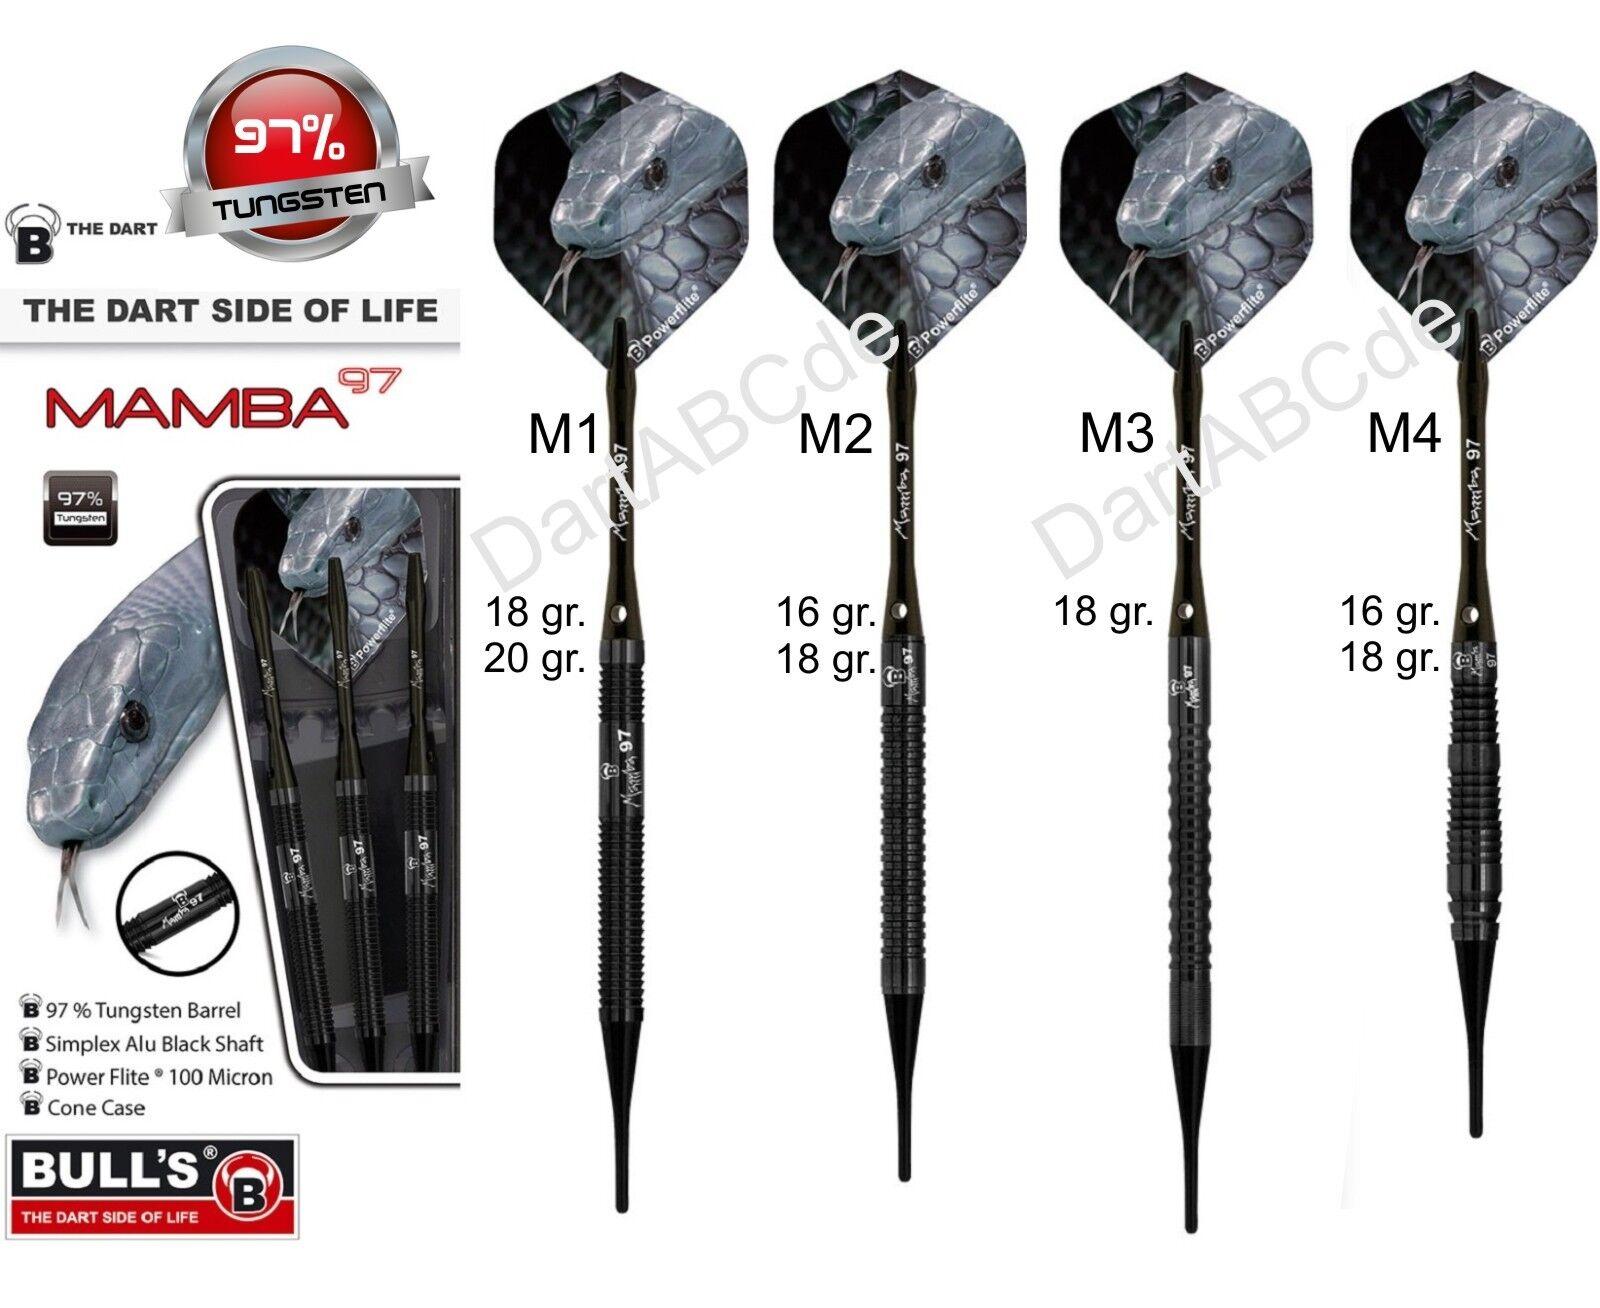 BULL'S Mamba-97 Soft Dart 97% Tungsten